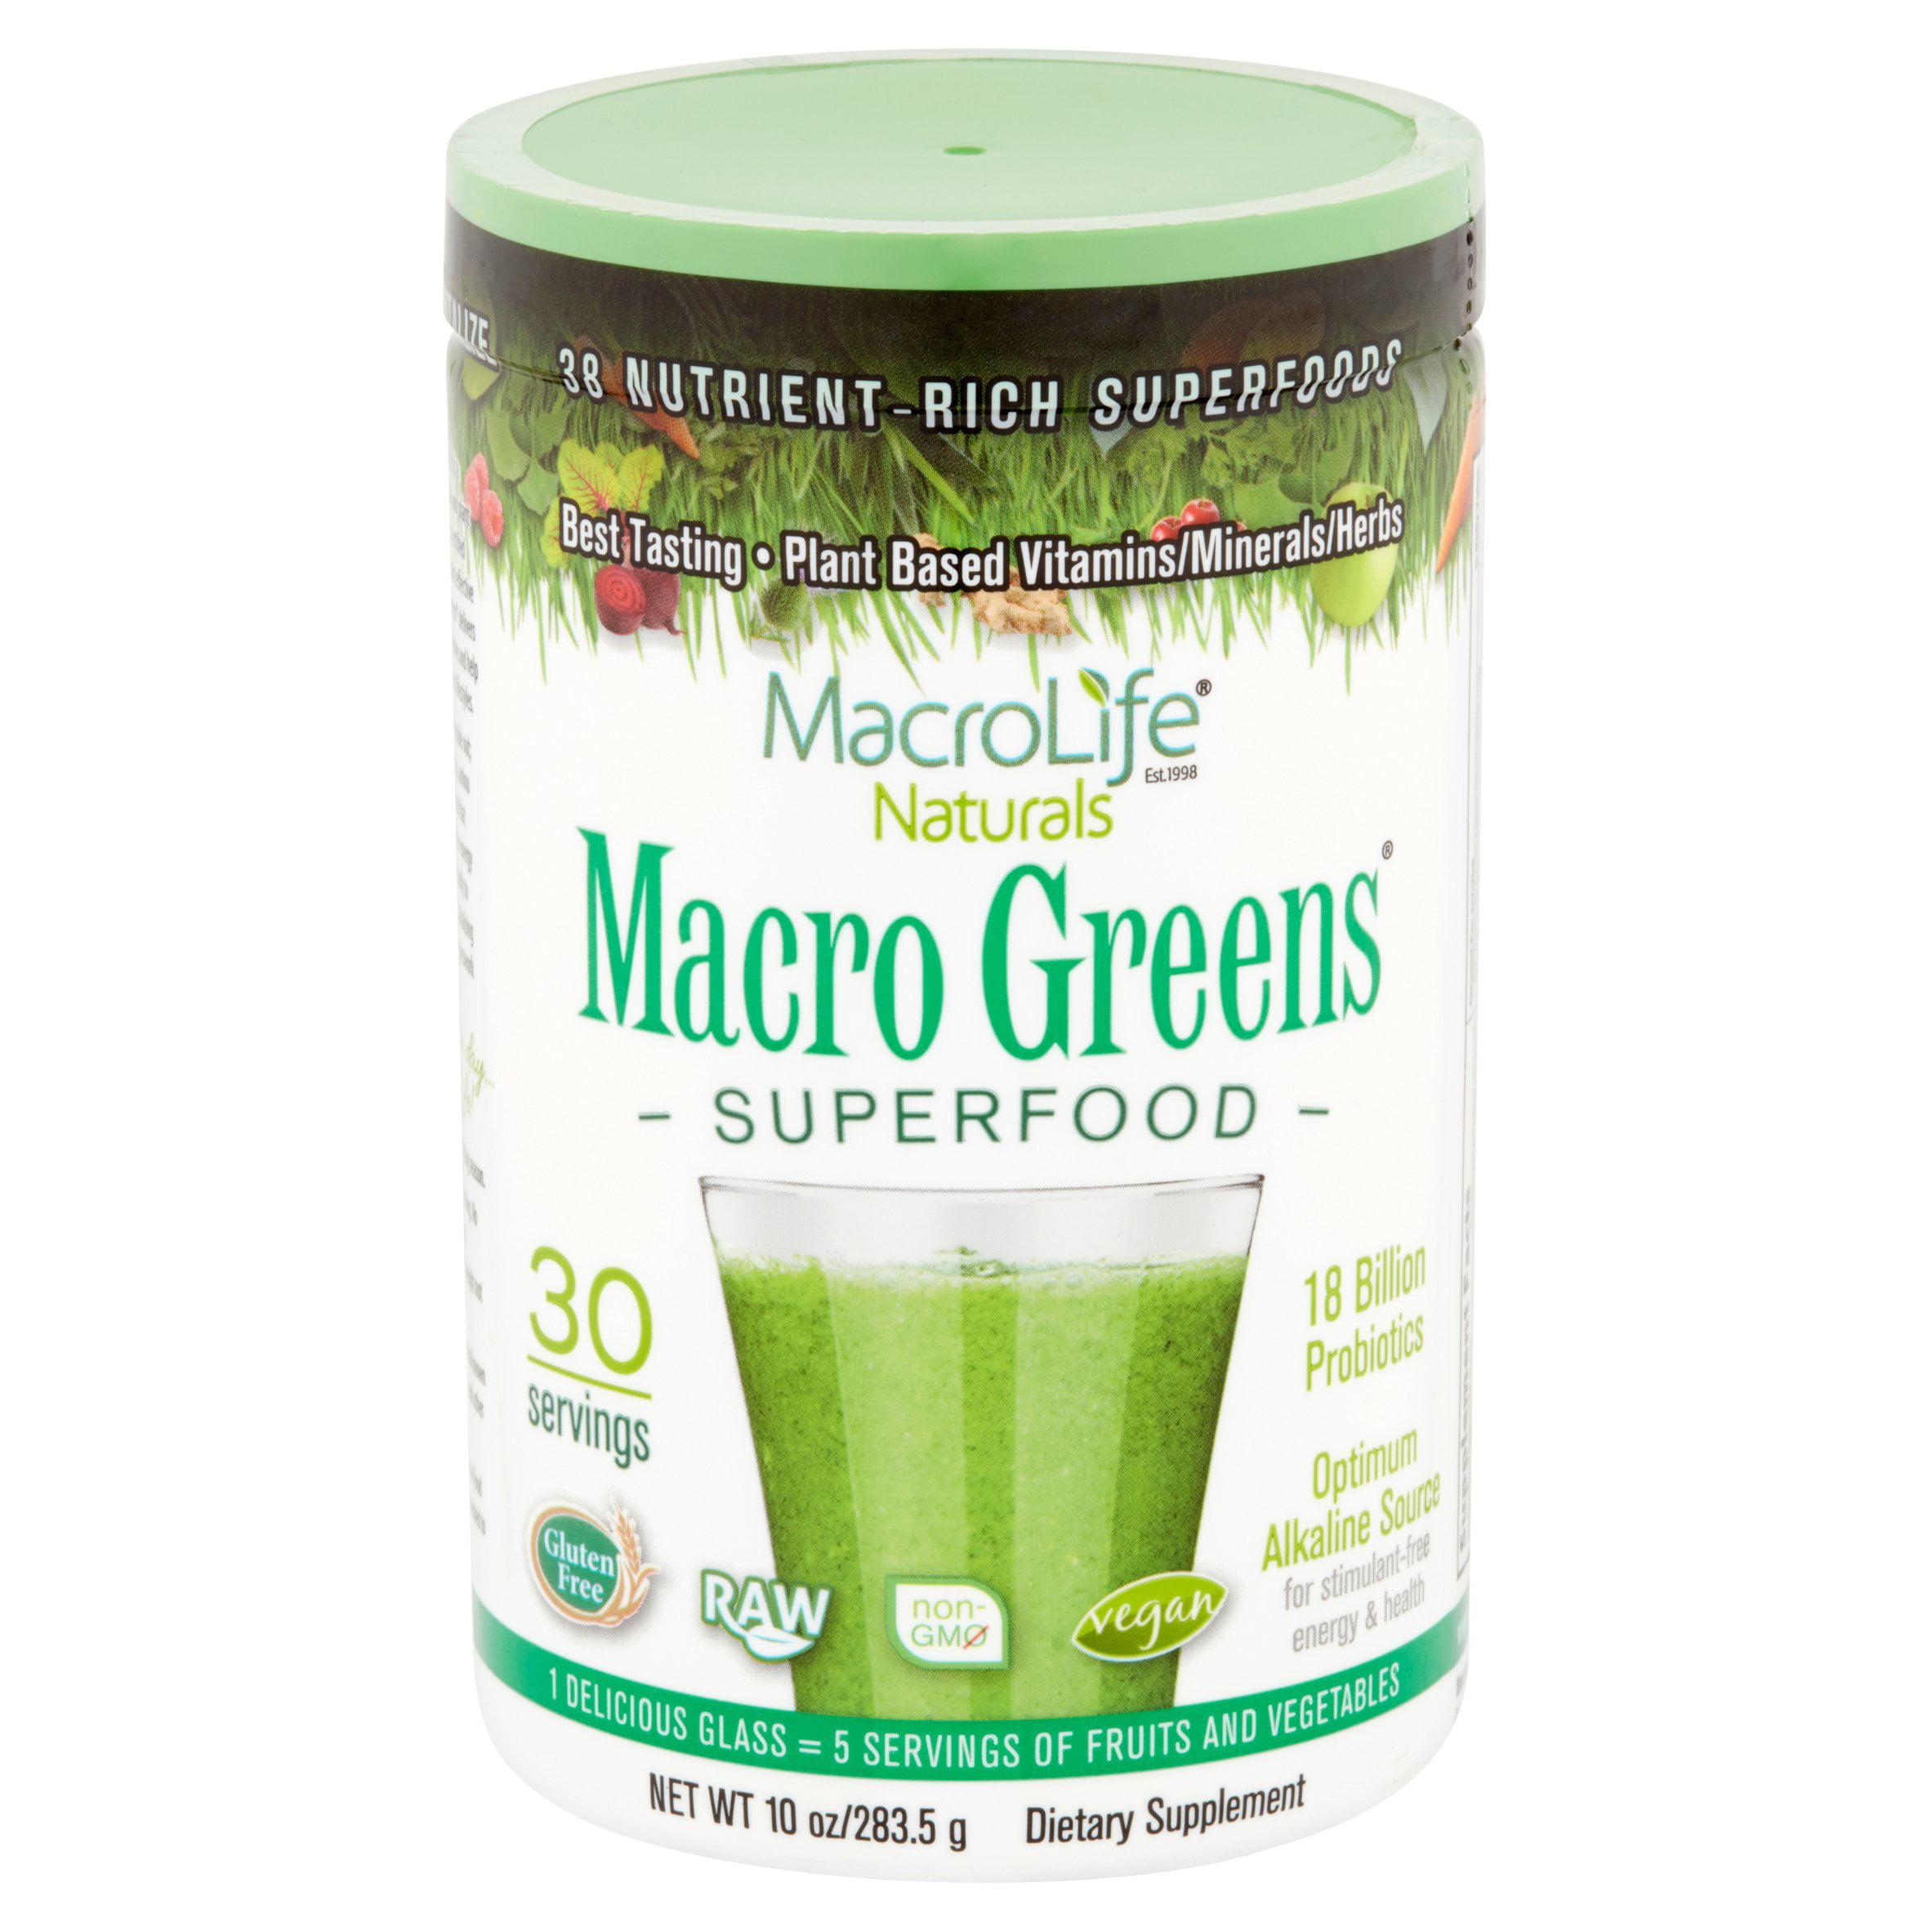 MacroLife Naturals Macro Greens Superfood Powder, 10.0 Oz